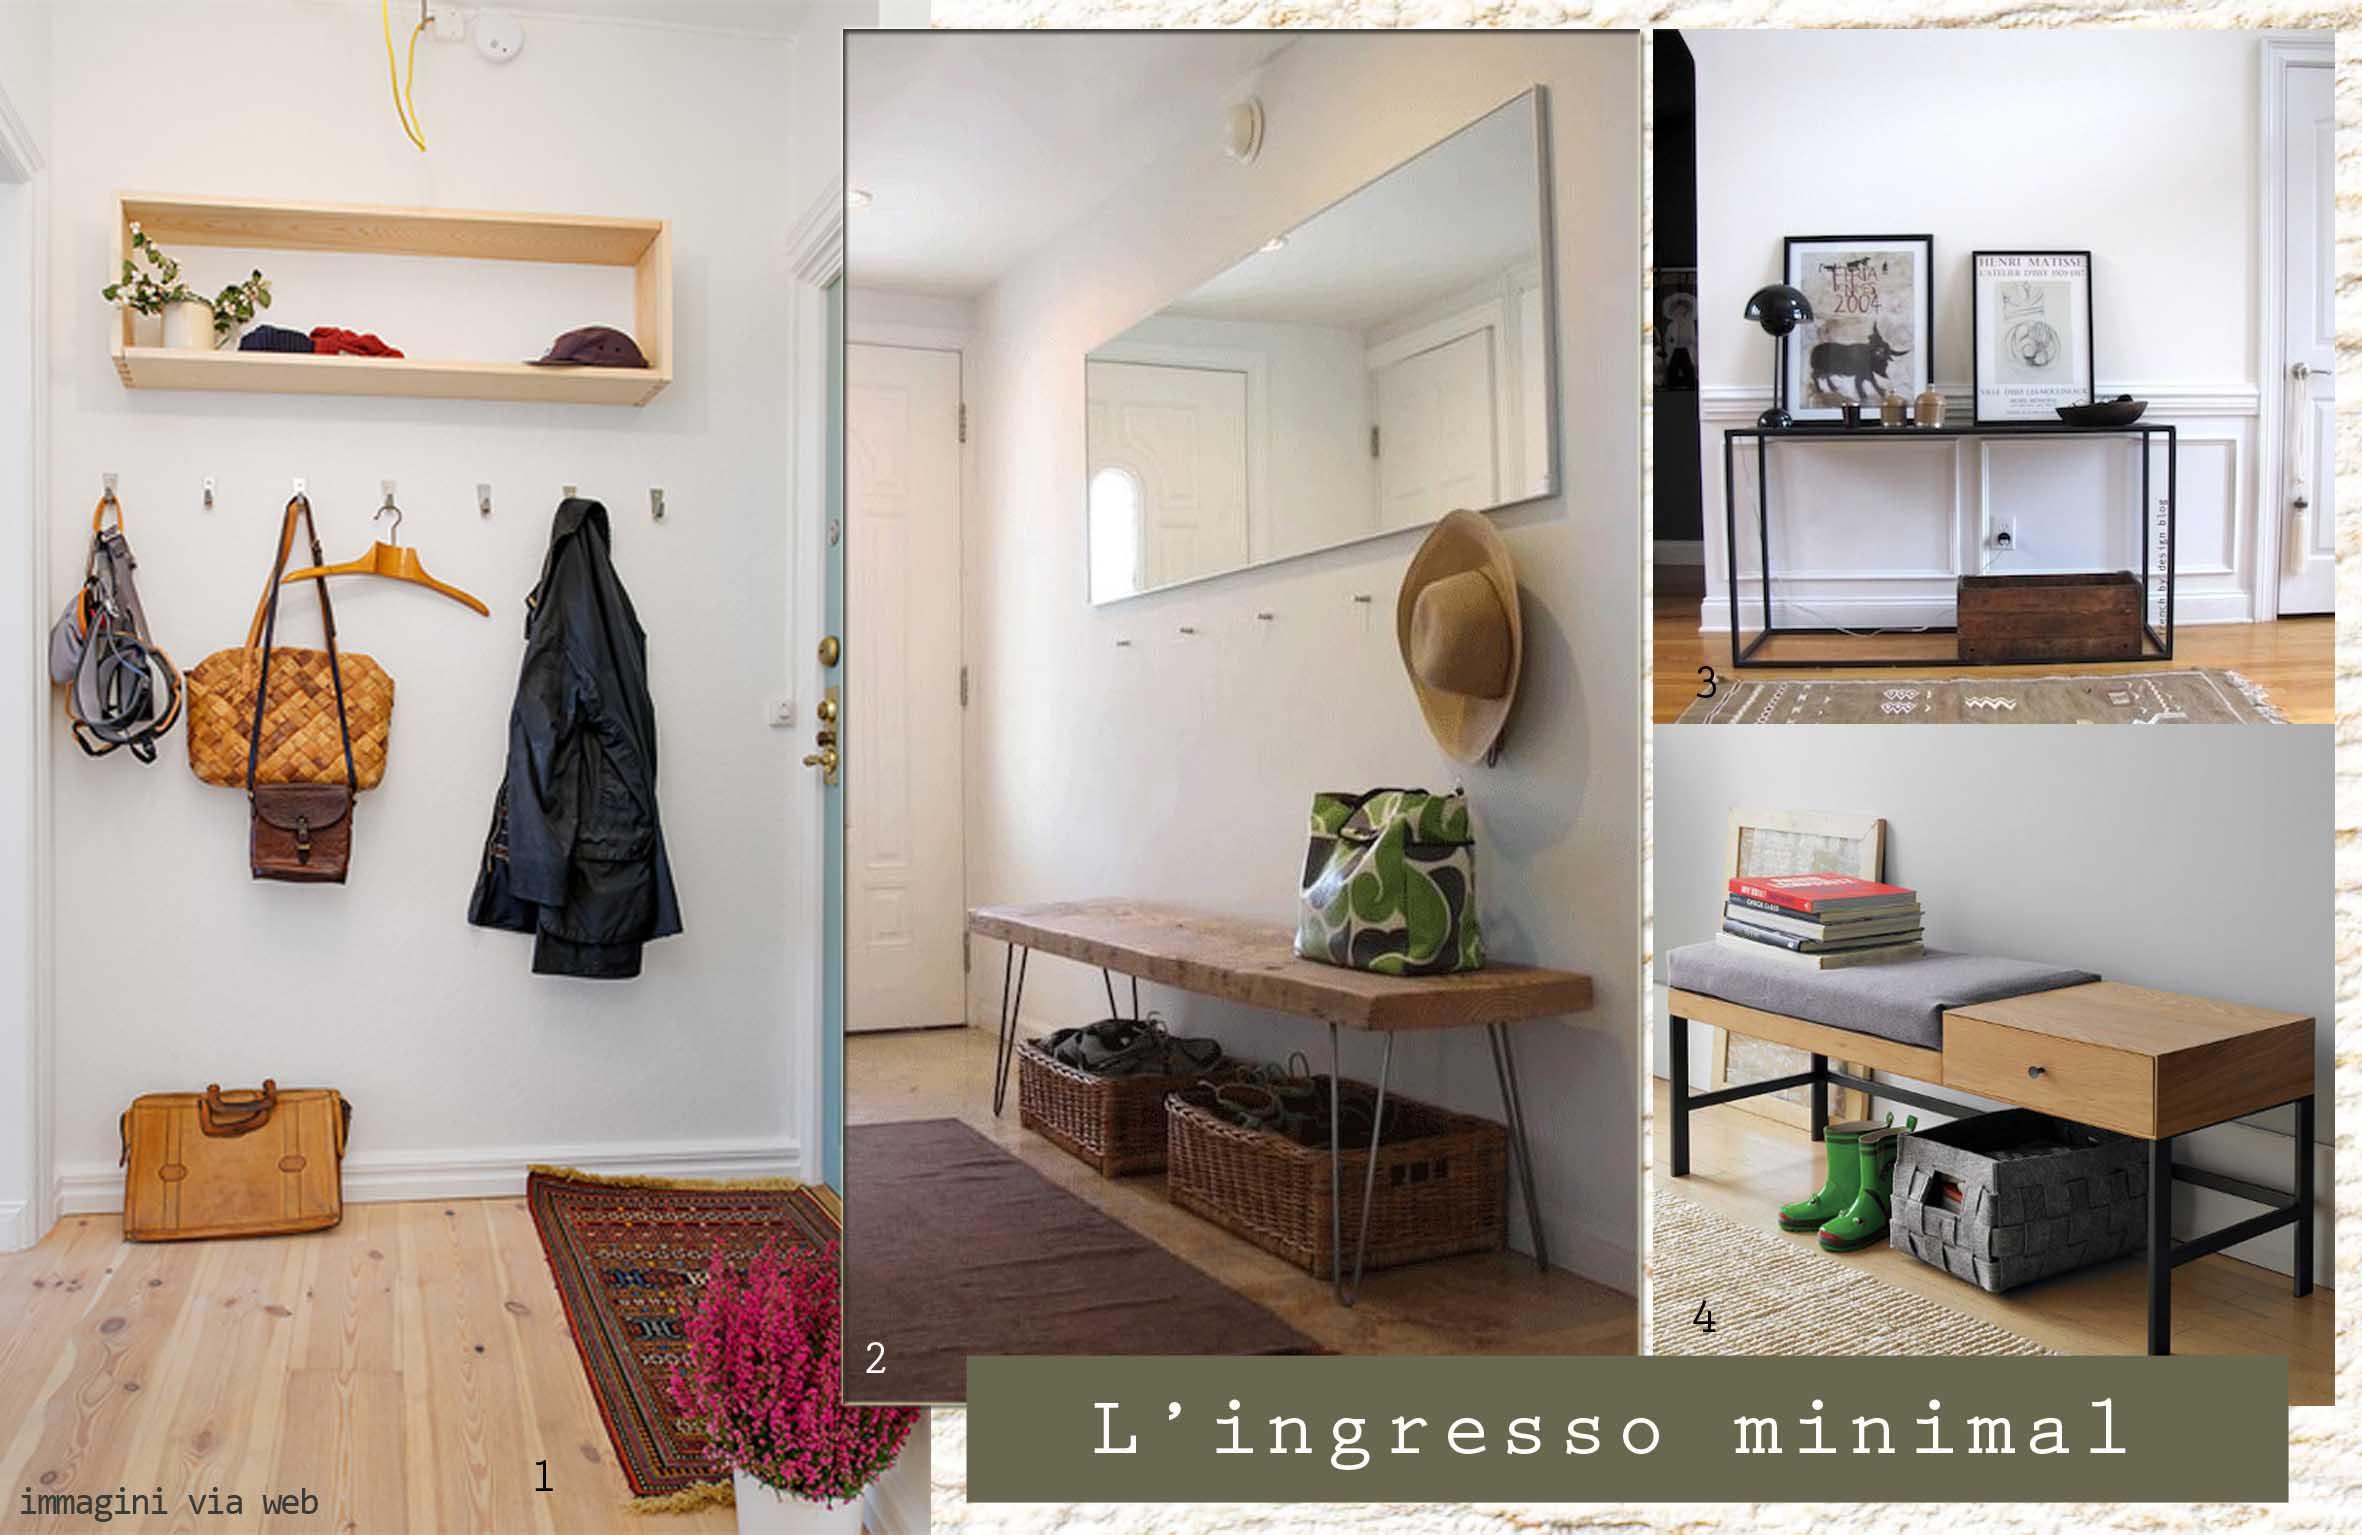 Mille modi per sfruttare l ingresso id tips interior design tips blog - Panche per ingresso casa ...